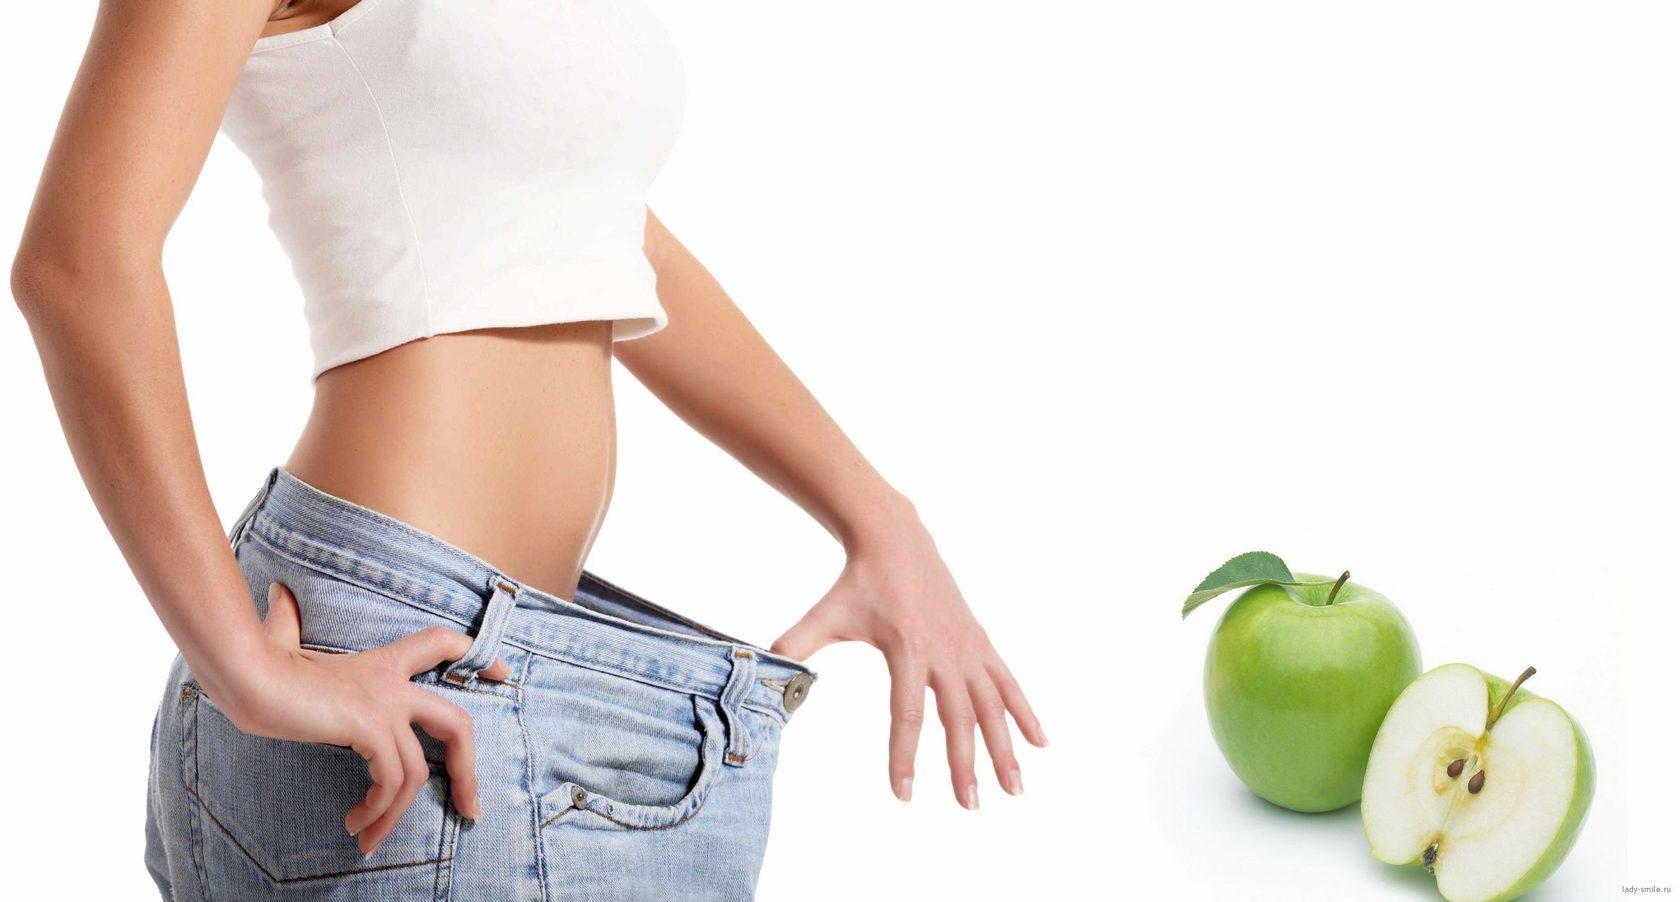 Картинки Средств Для Похудения.